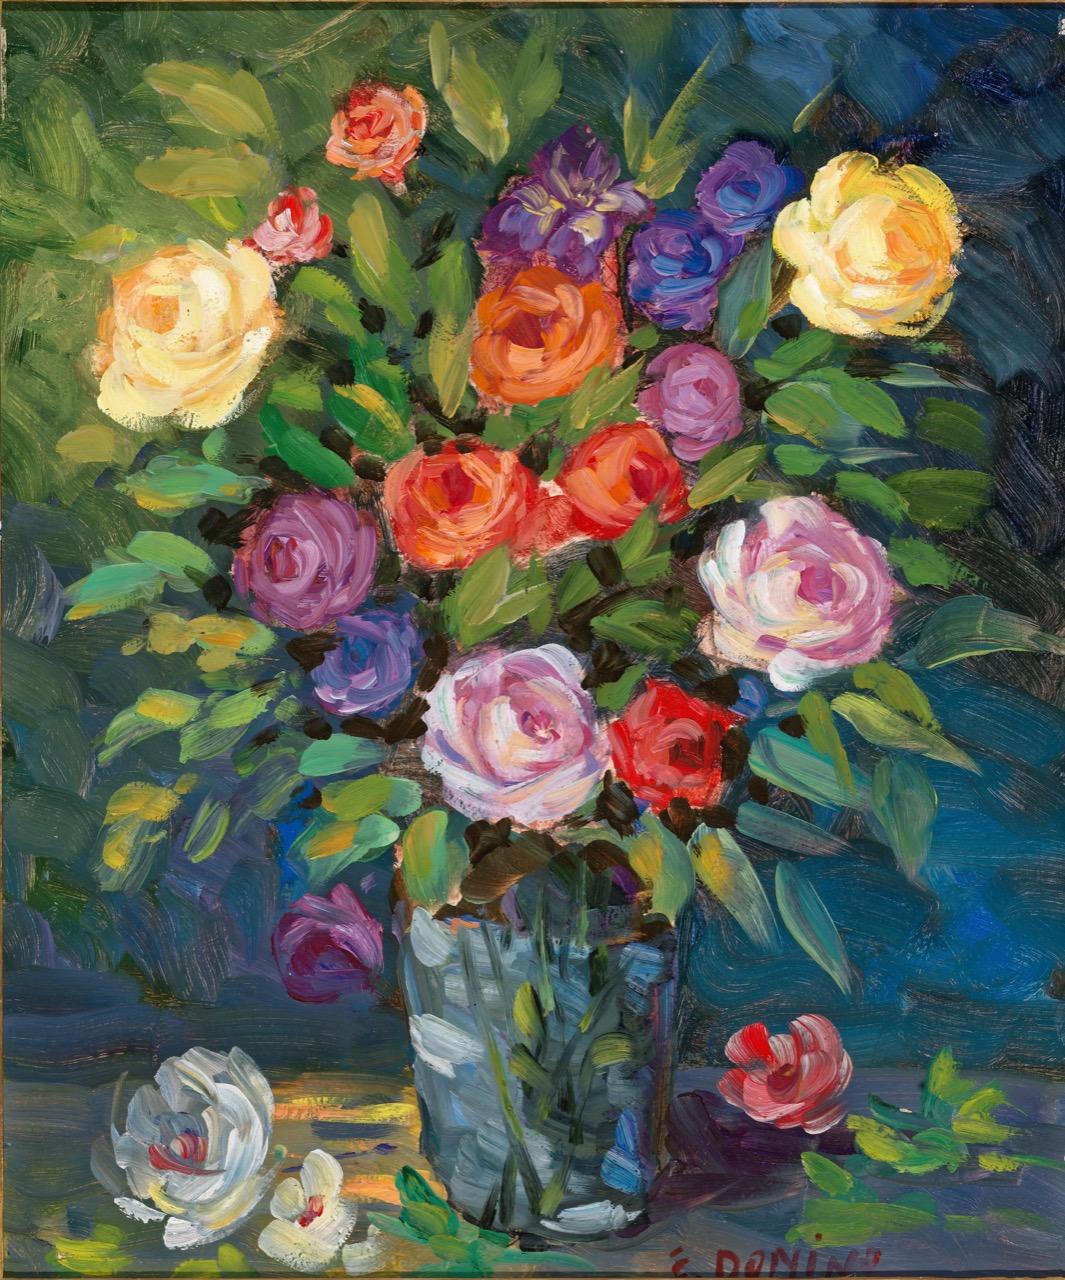 Floreale, anni '80, olio su faesite, 54x45 cm